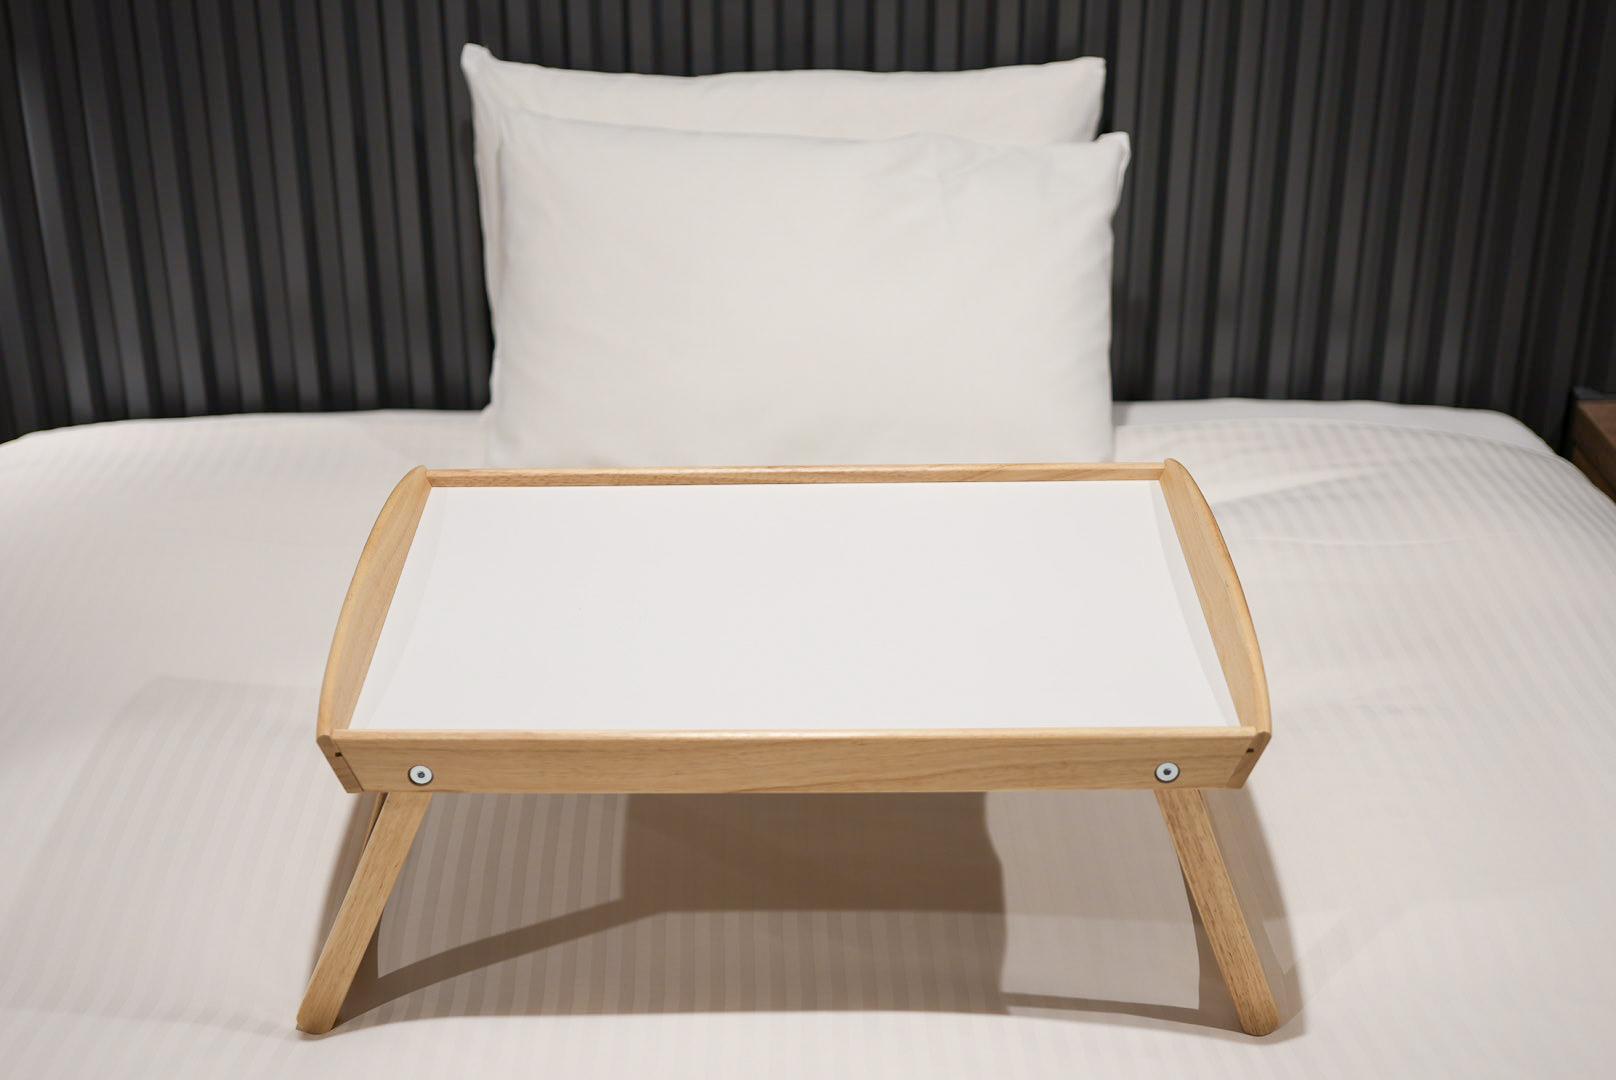 イケアのベッドトレイ「ジューラ」(1499円)。なお、写真のベッドはセミダブルです